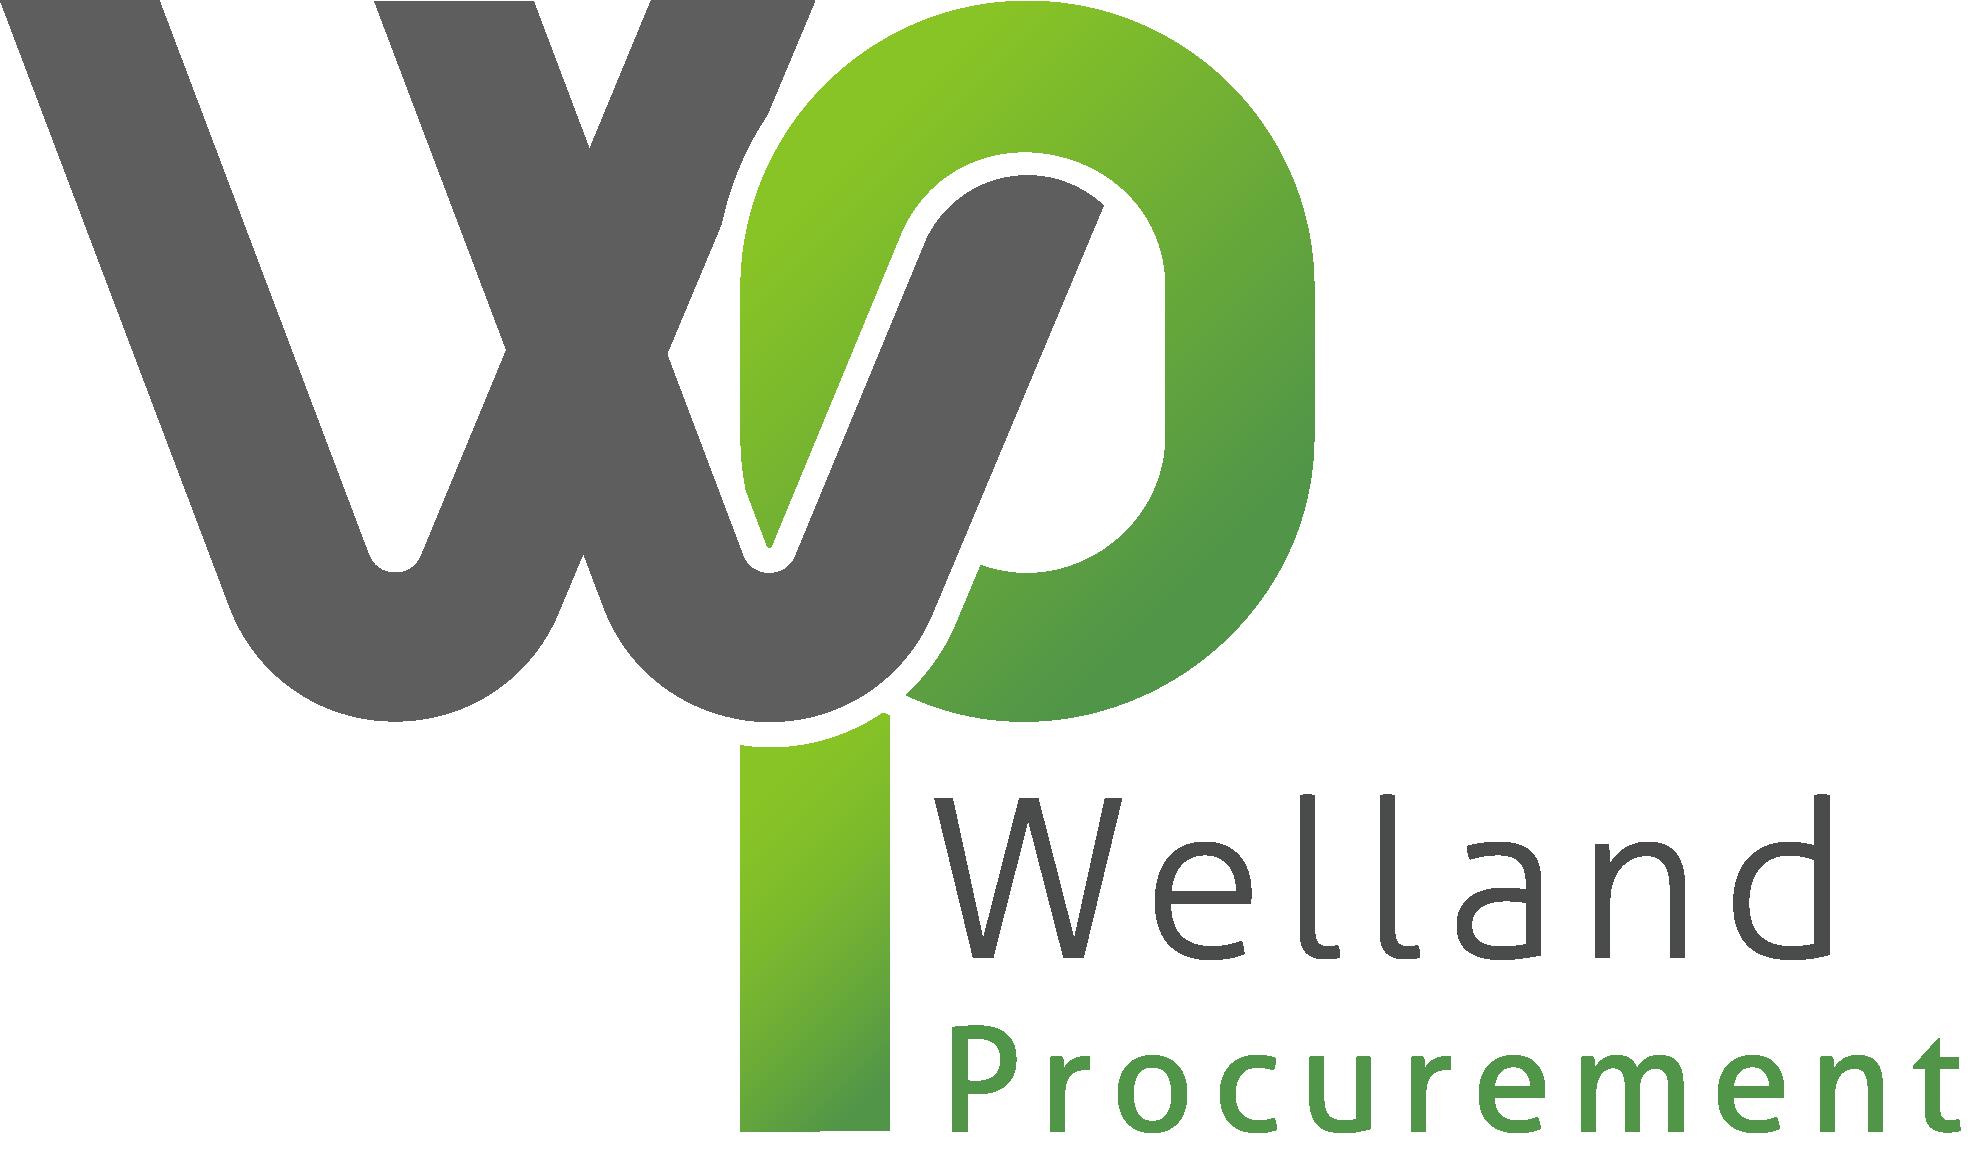 Welland Procurement